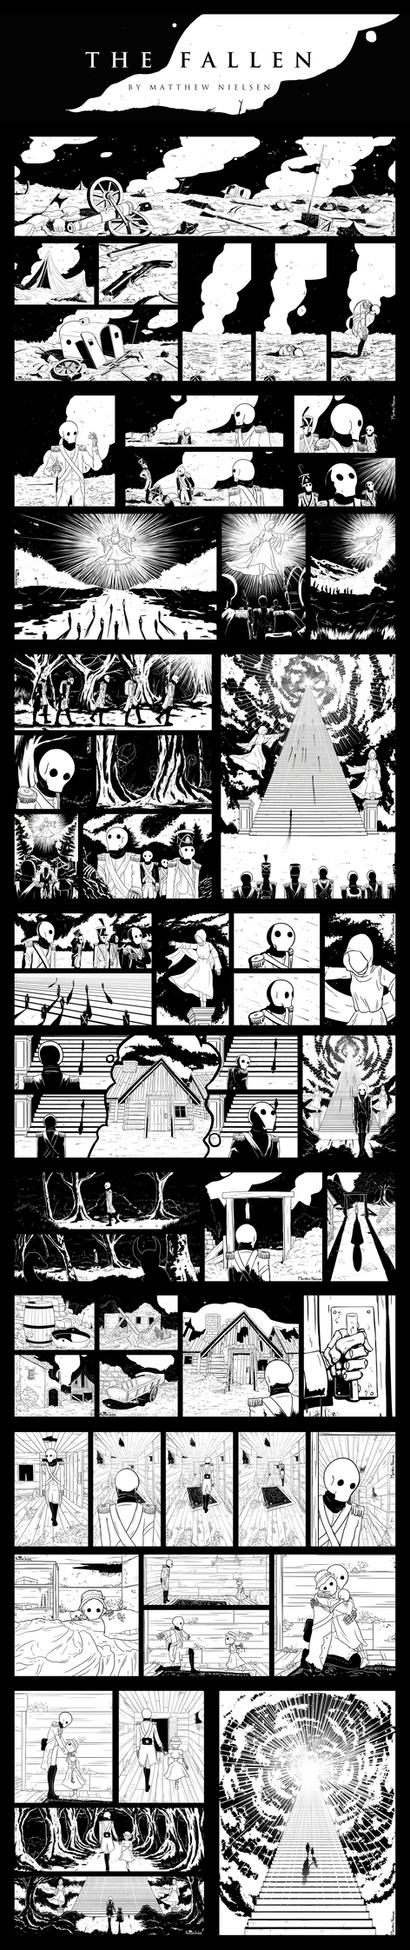 The Fallen by NuclearJackal